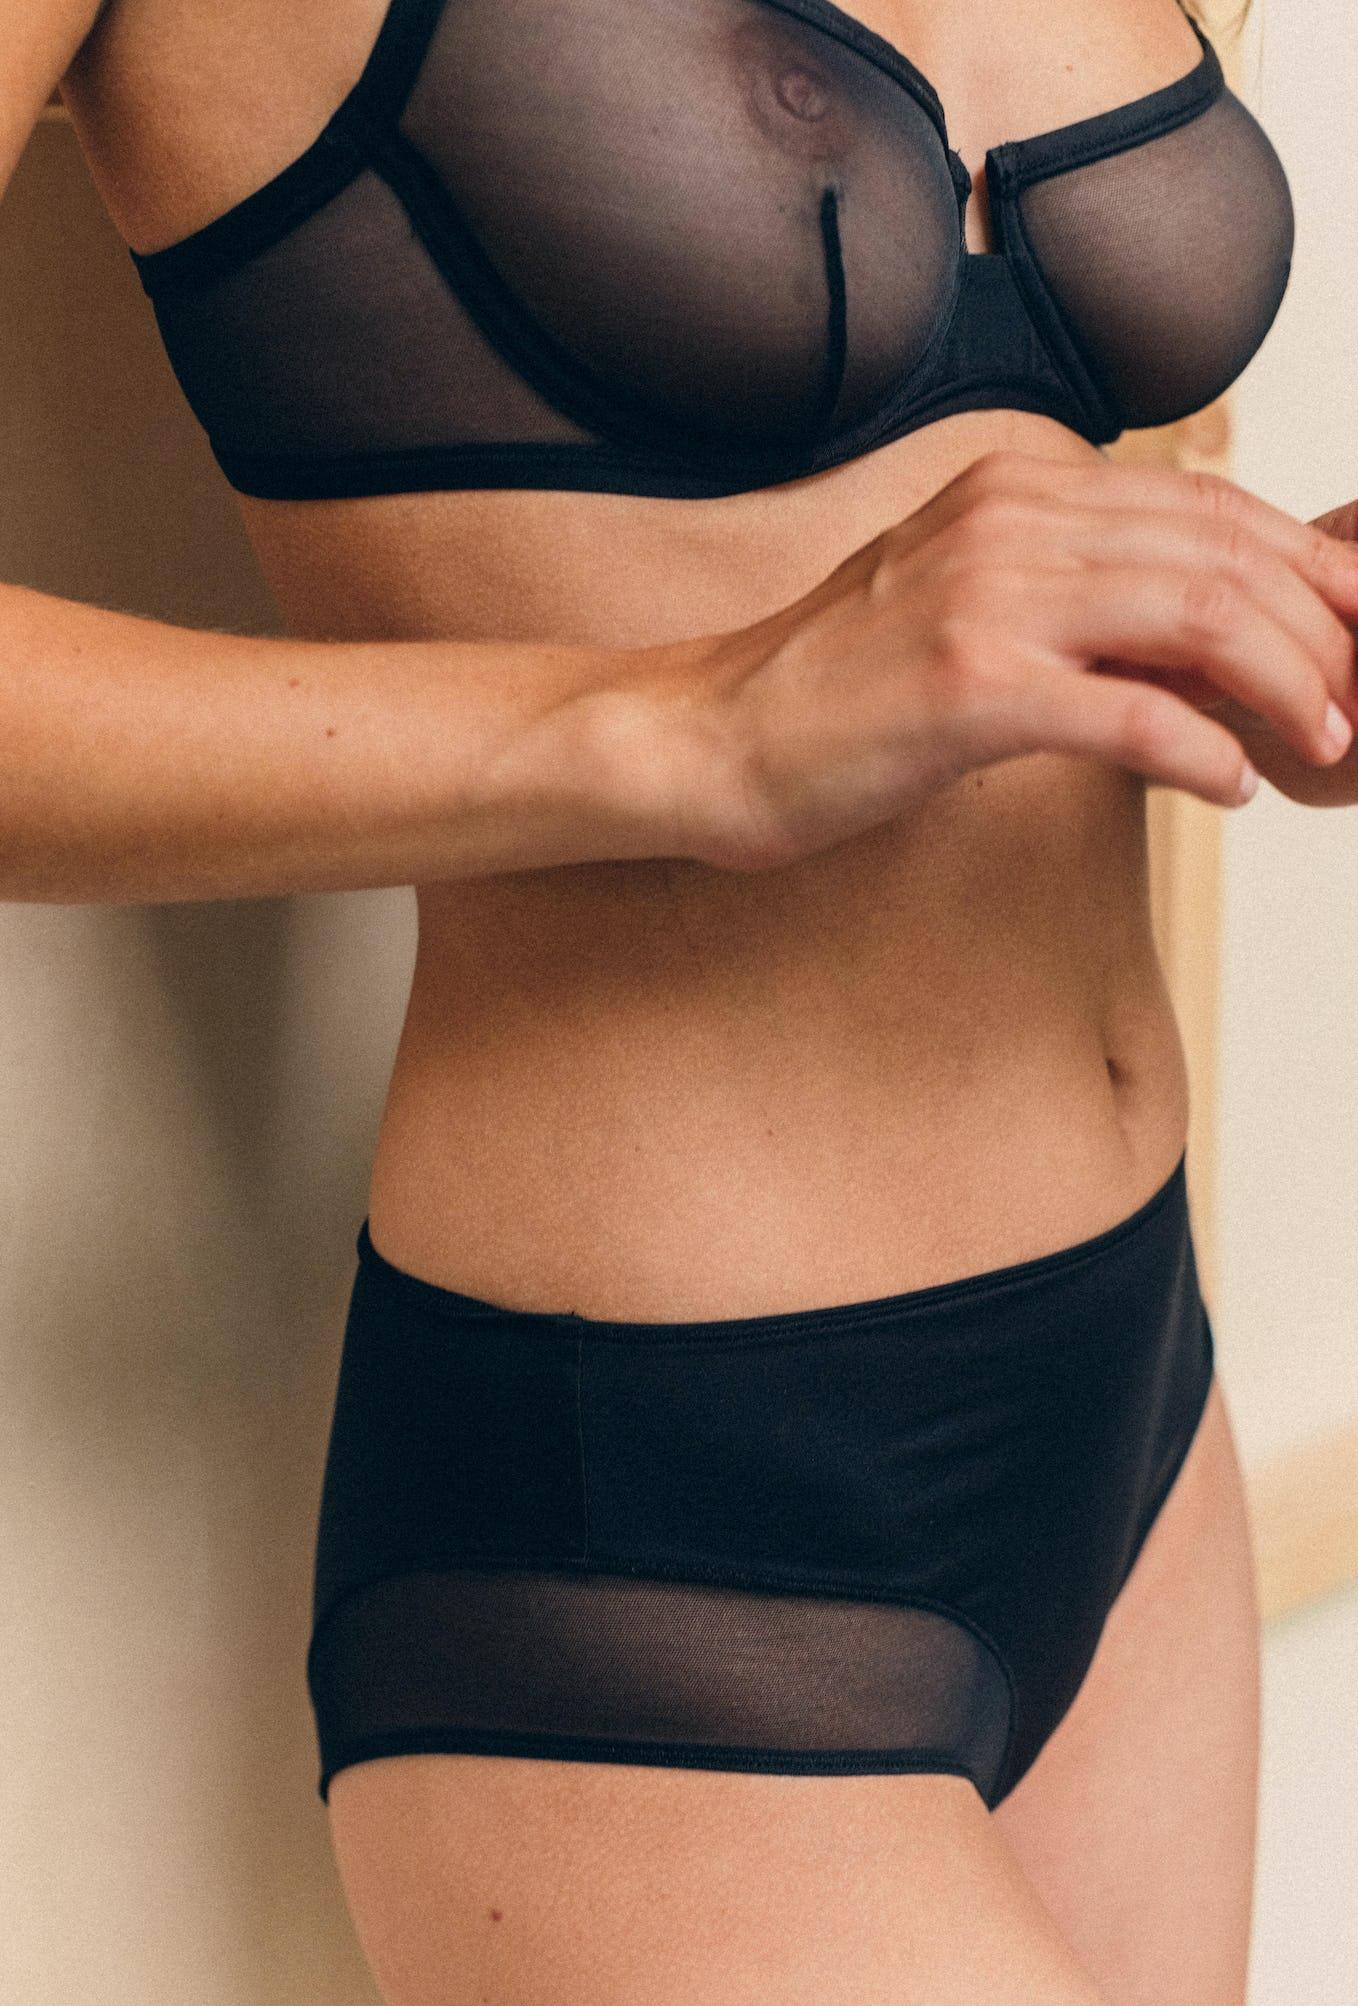 Ensemble de lingerie histoire de femmes noir avec soutien-gorge corbeille noir et culotte mi-haute noire